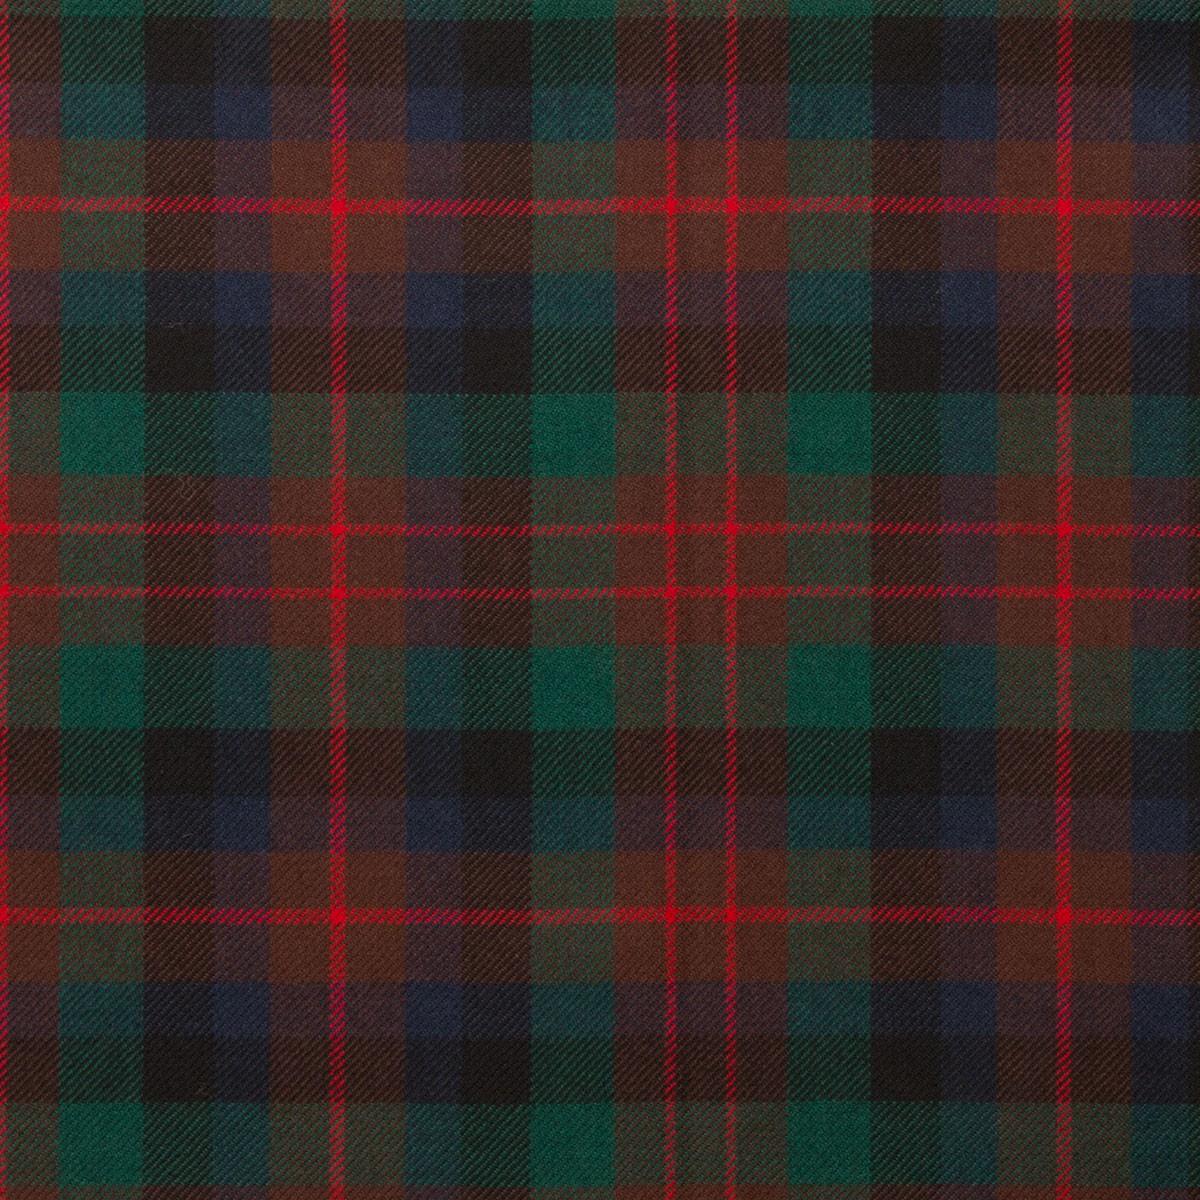 Macduff Hunting Modern Light Weight Tartan Fabric-Front